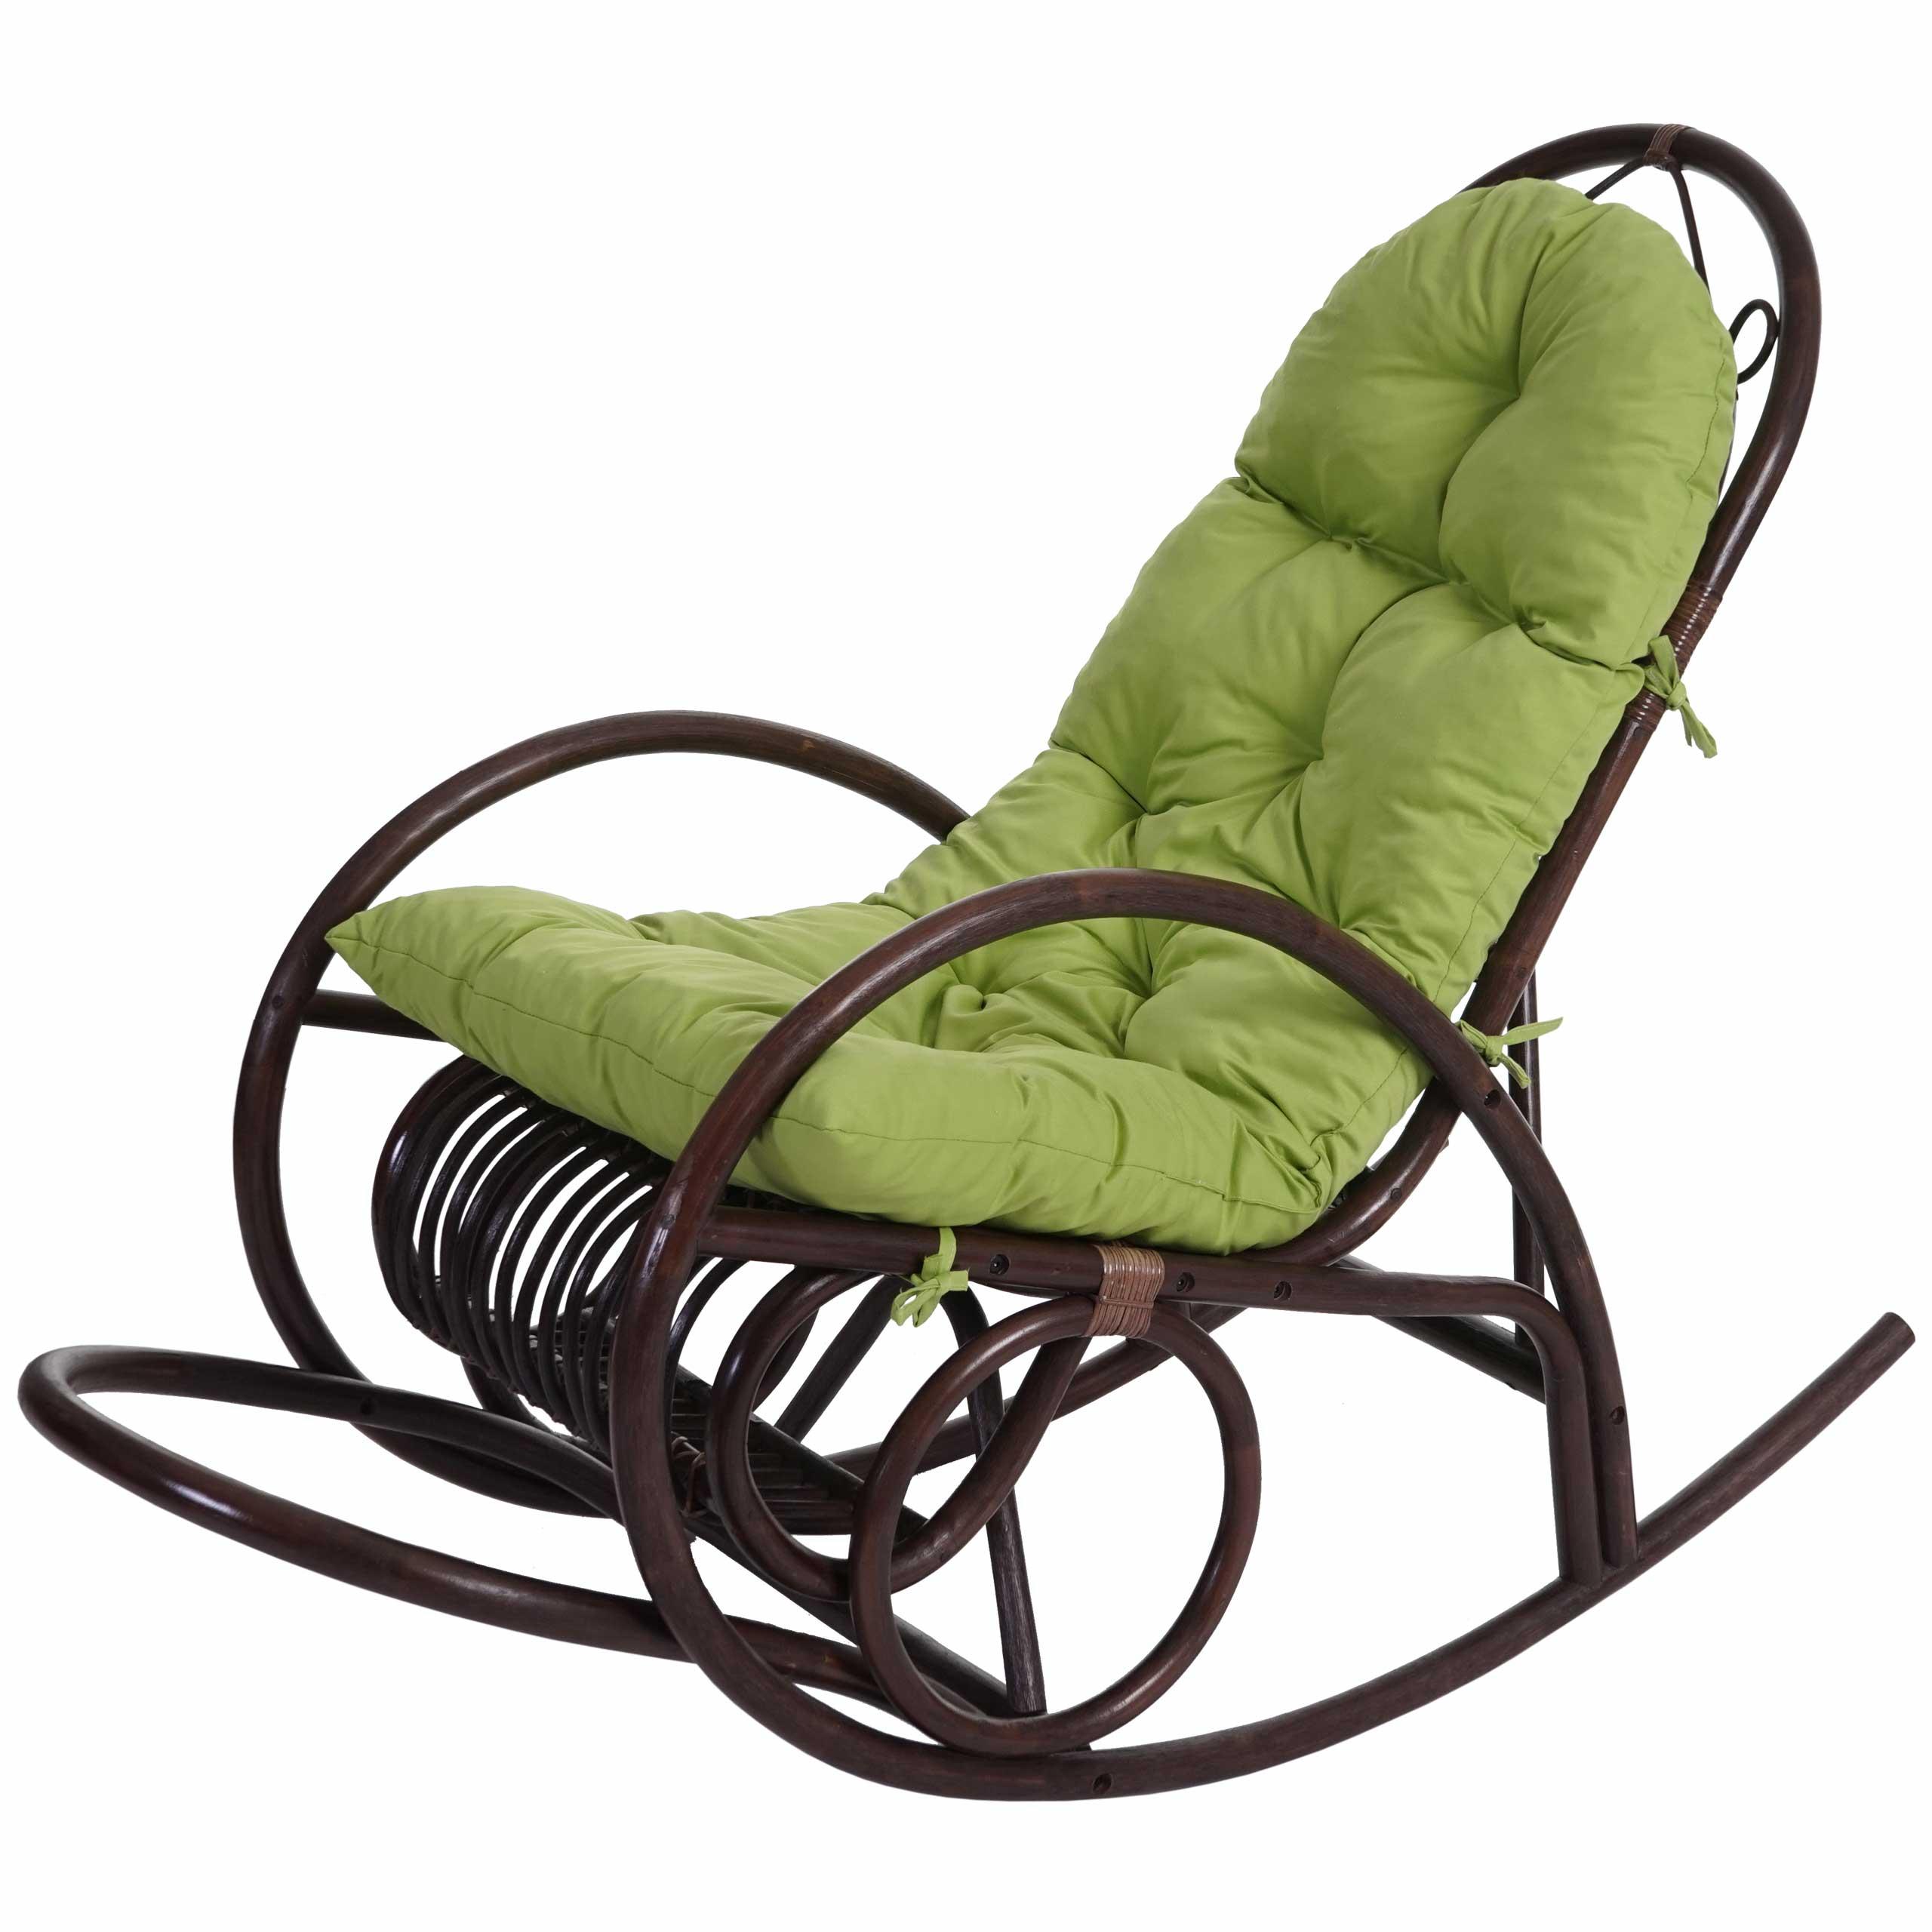 schaukelstuhl hwc c40 rattansessel schwingsessel braun mit auflage ebay. Black Bedroom Furniture Sets. Home Design Ideas